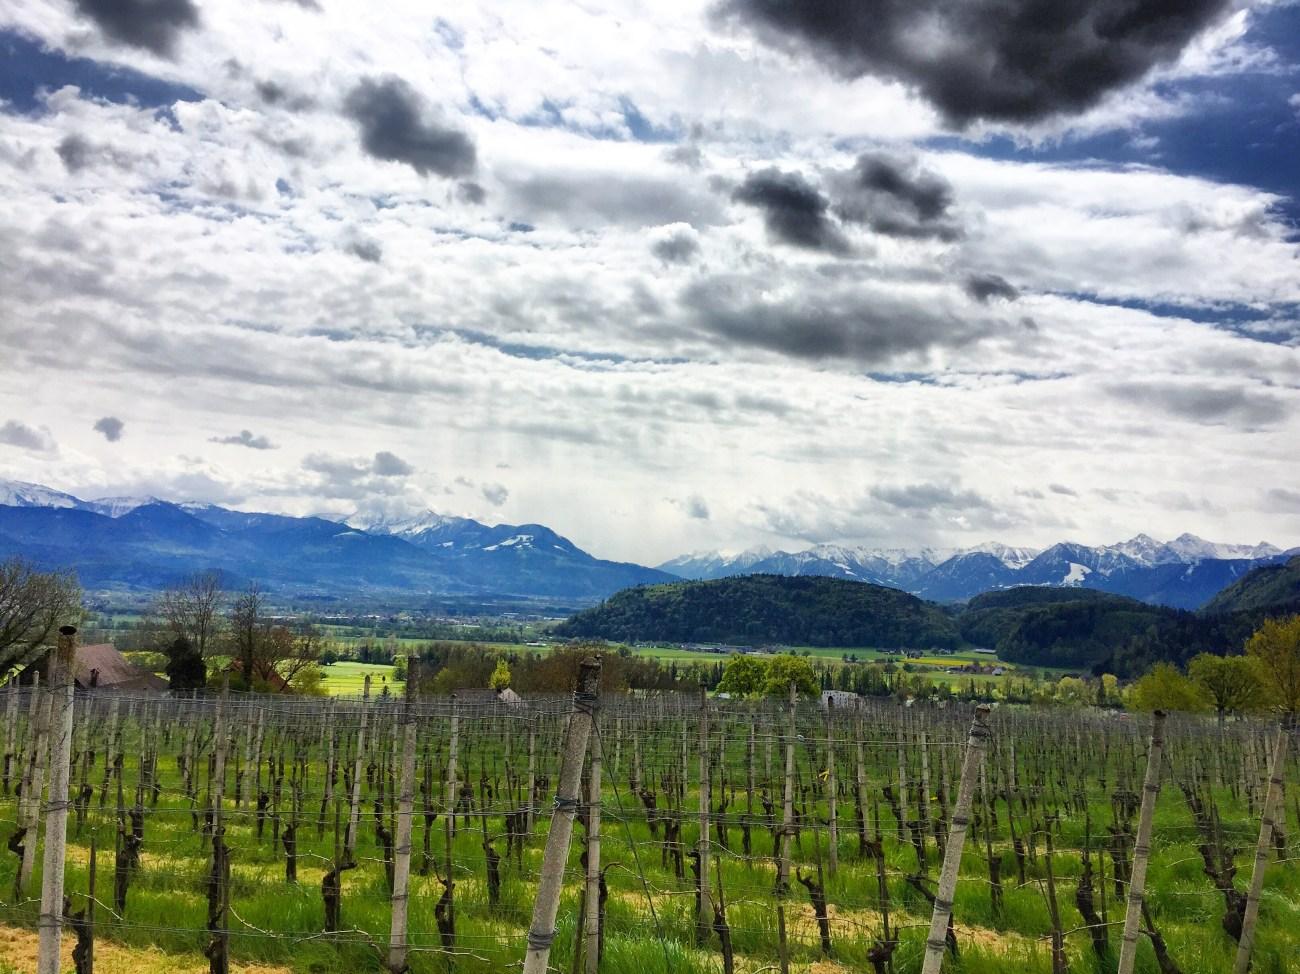 En bij de wijnvelden